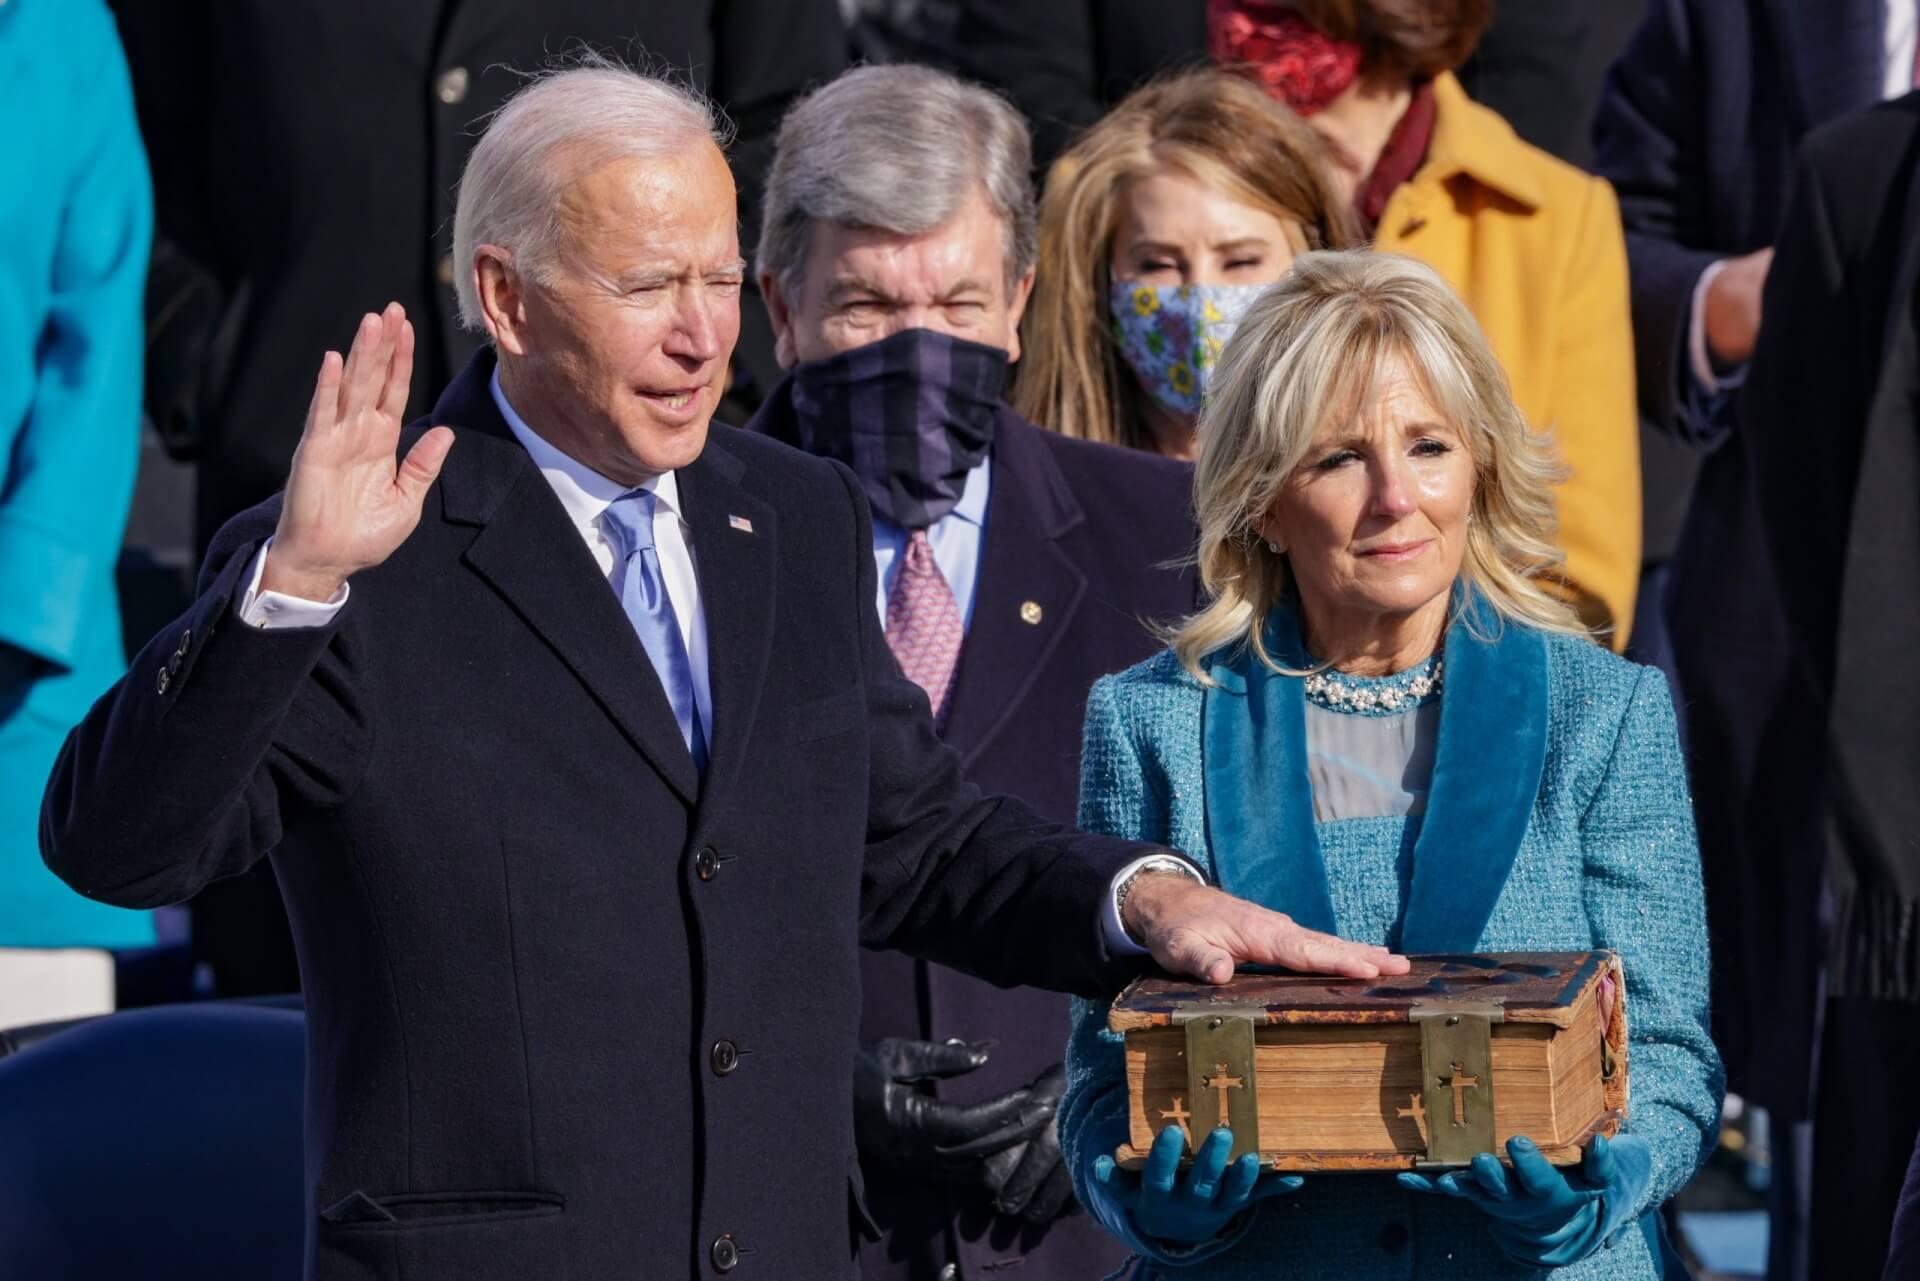 FITSNews – Joe Biden Assumes The American Presidency